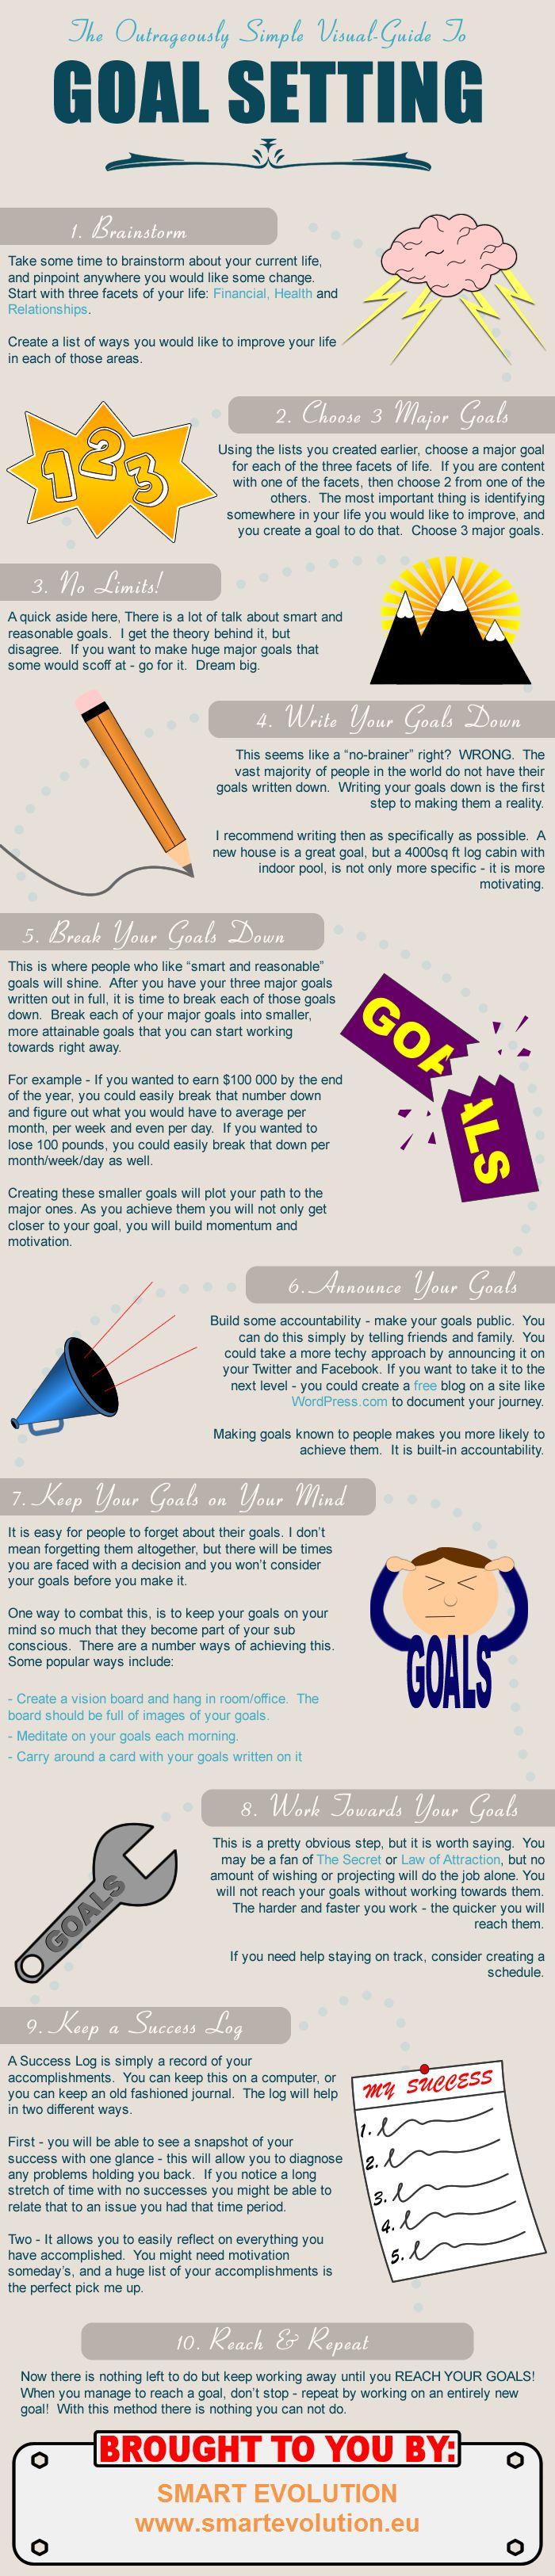 Goal Setting http:www.smartevolution.eu